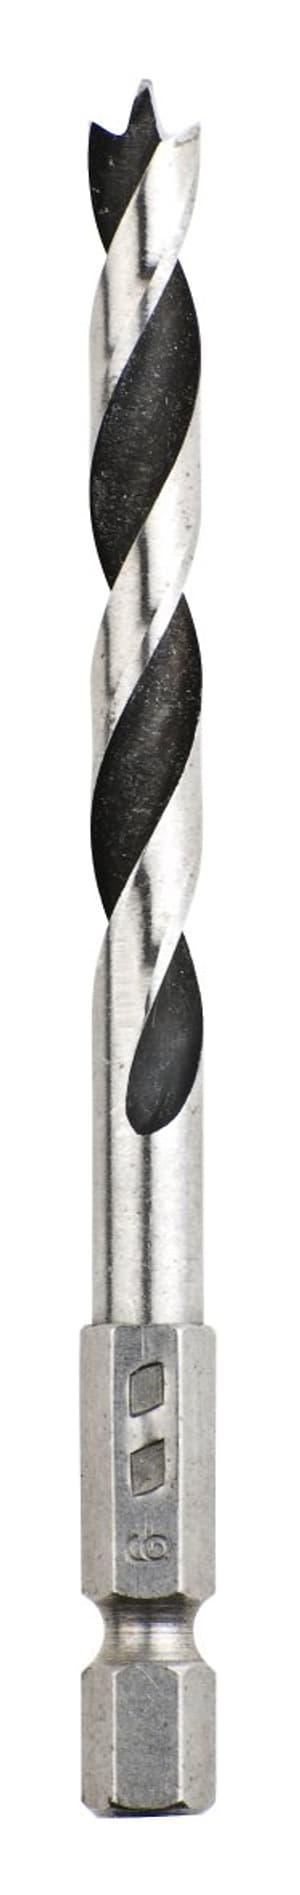 """Spiralbohrer mit Sechskantaufnahme 1/4"""", ø 6 mm"""